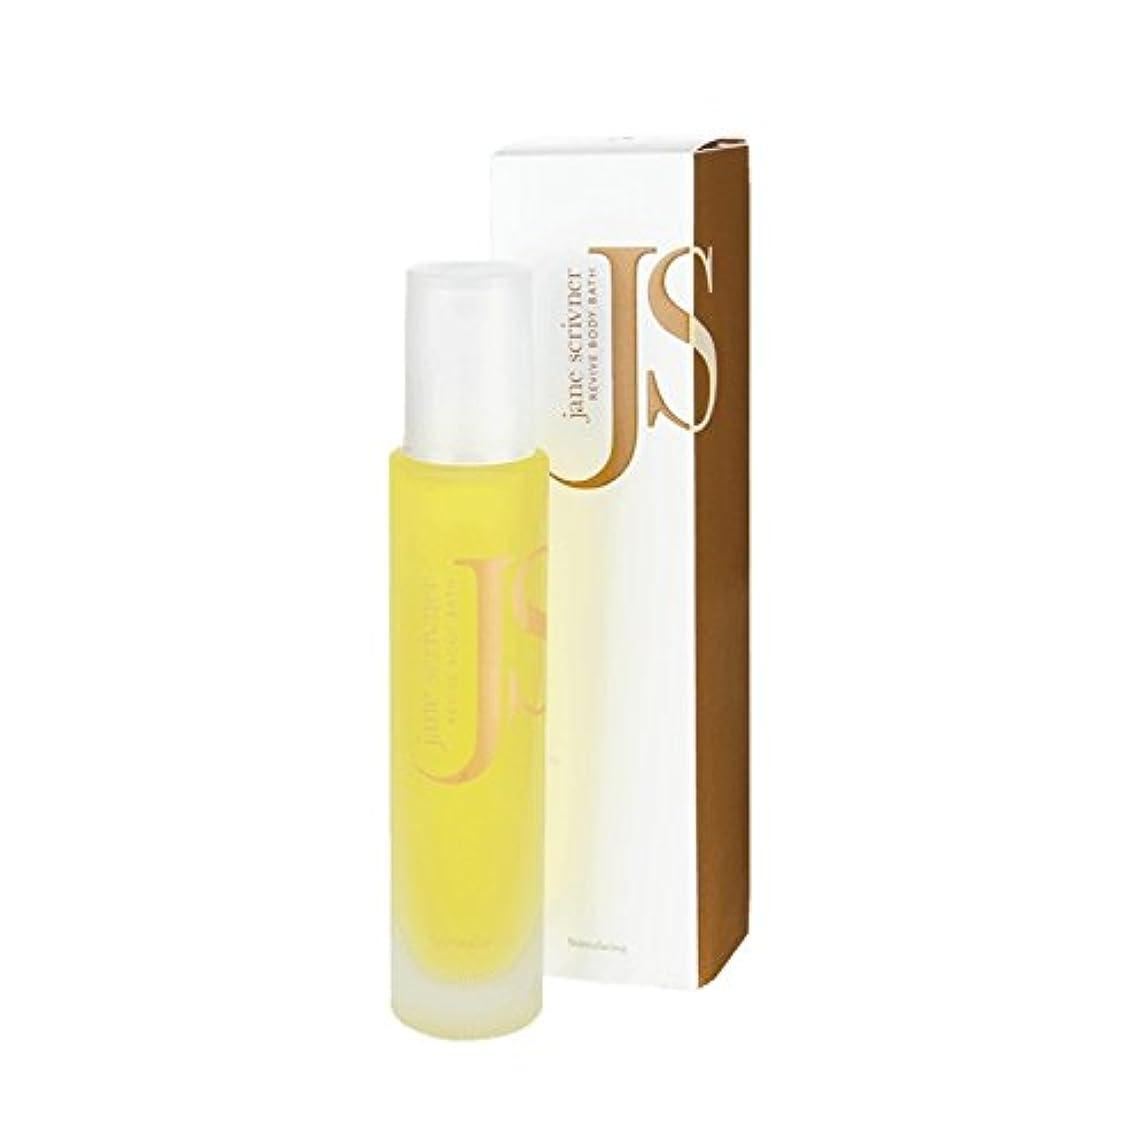 泥棒マーキング乳剤Jane Scrivner Body Bath Oil Revive 100ml (Pack of 6) - ジェーンScrivnerボディバスオイル100ミリリットルを復活させます (x6) [並行輸入品]